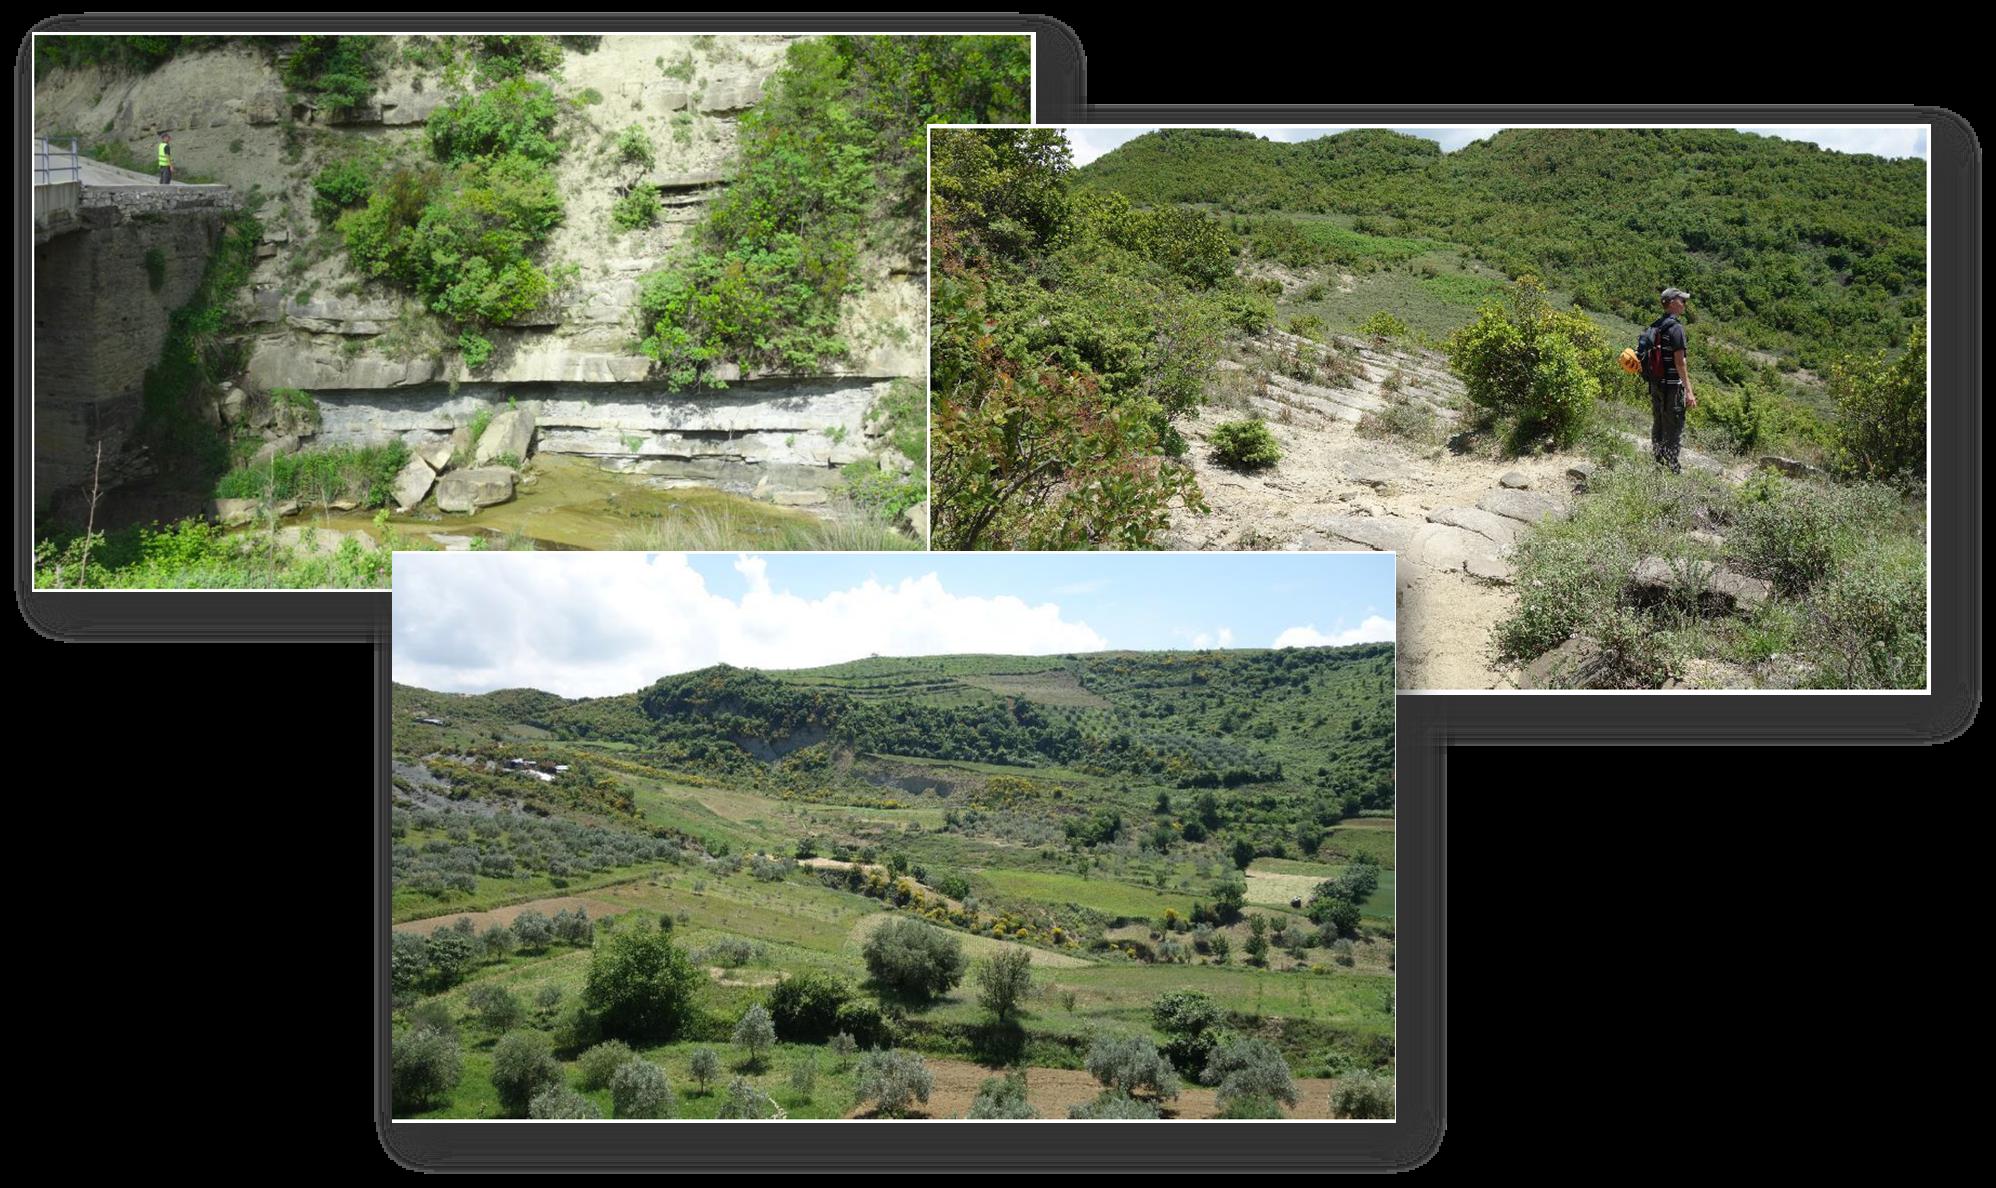 TRABAJO DE CAMPO DE GEPLAN EN ALBANIA